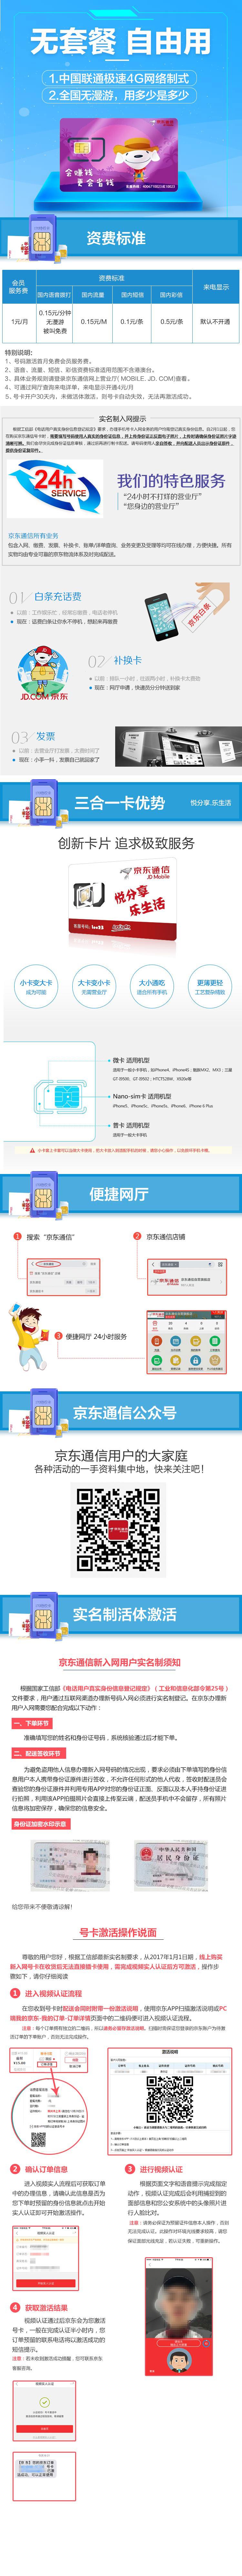 京东通信 1元手机卡 联通4G网络,国内无漫游,低月租 号卡 电话卡 手机卡